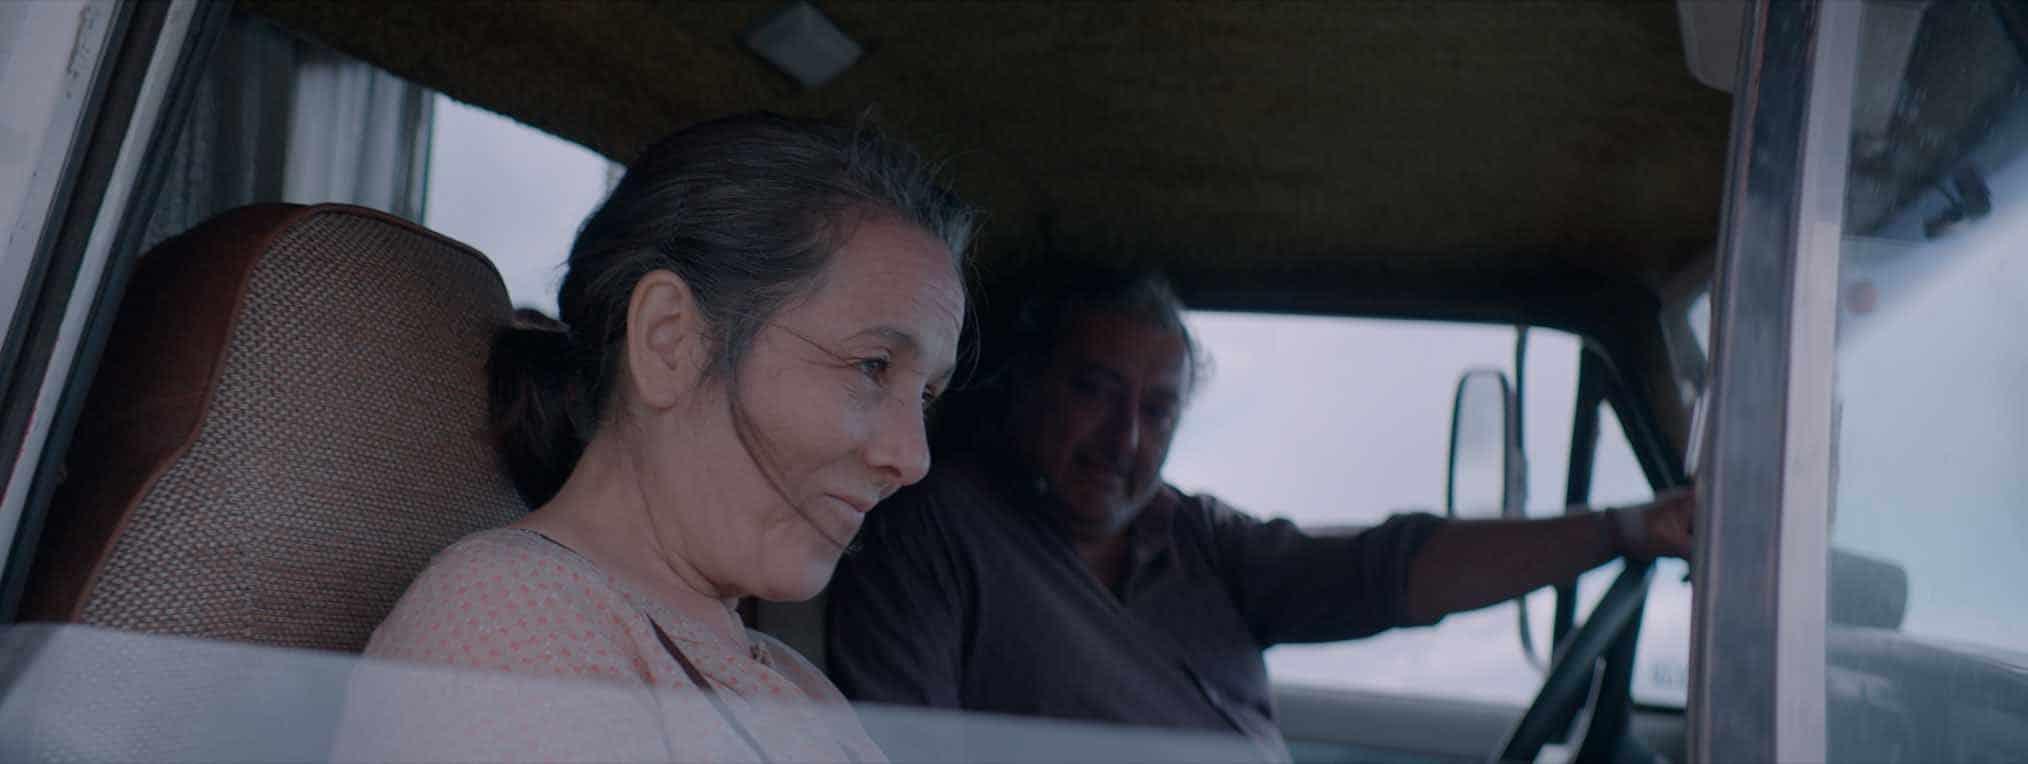 Un homme et une femme à l'air heureux, dans une voiture